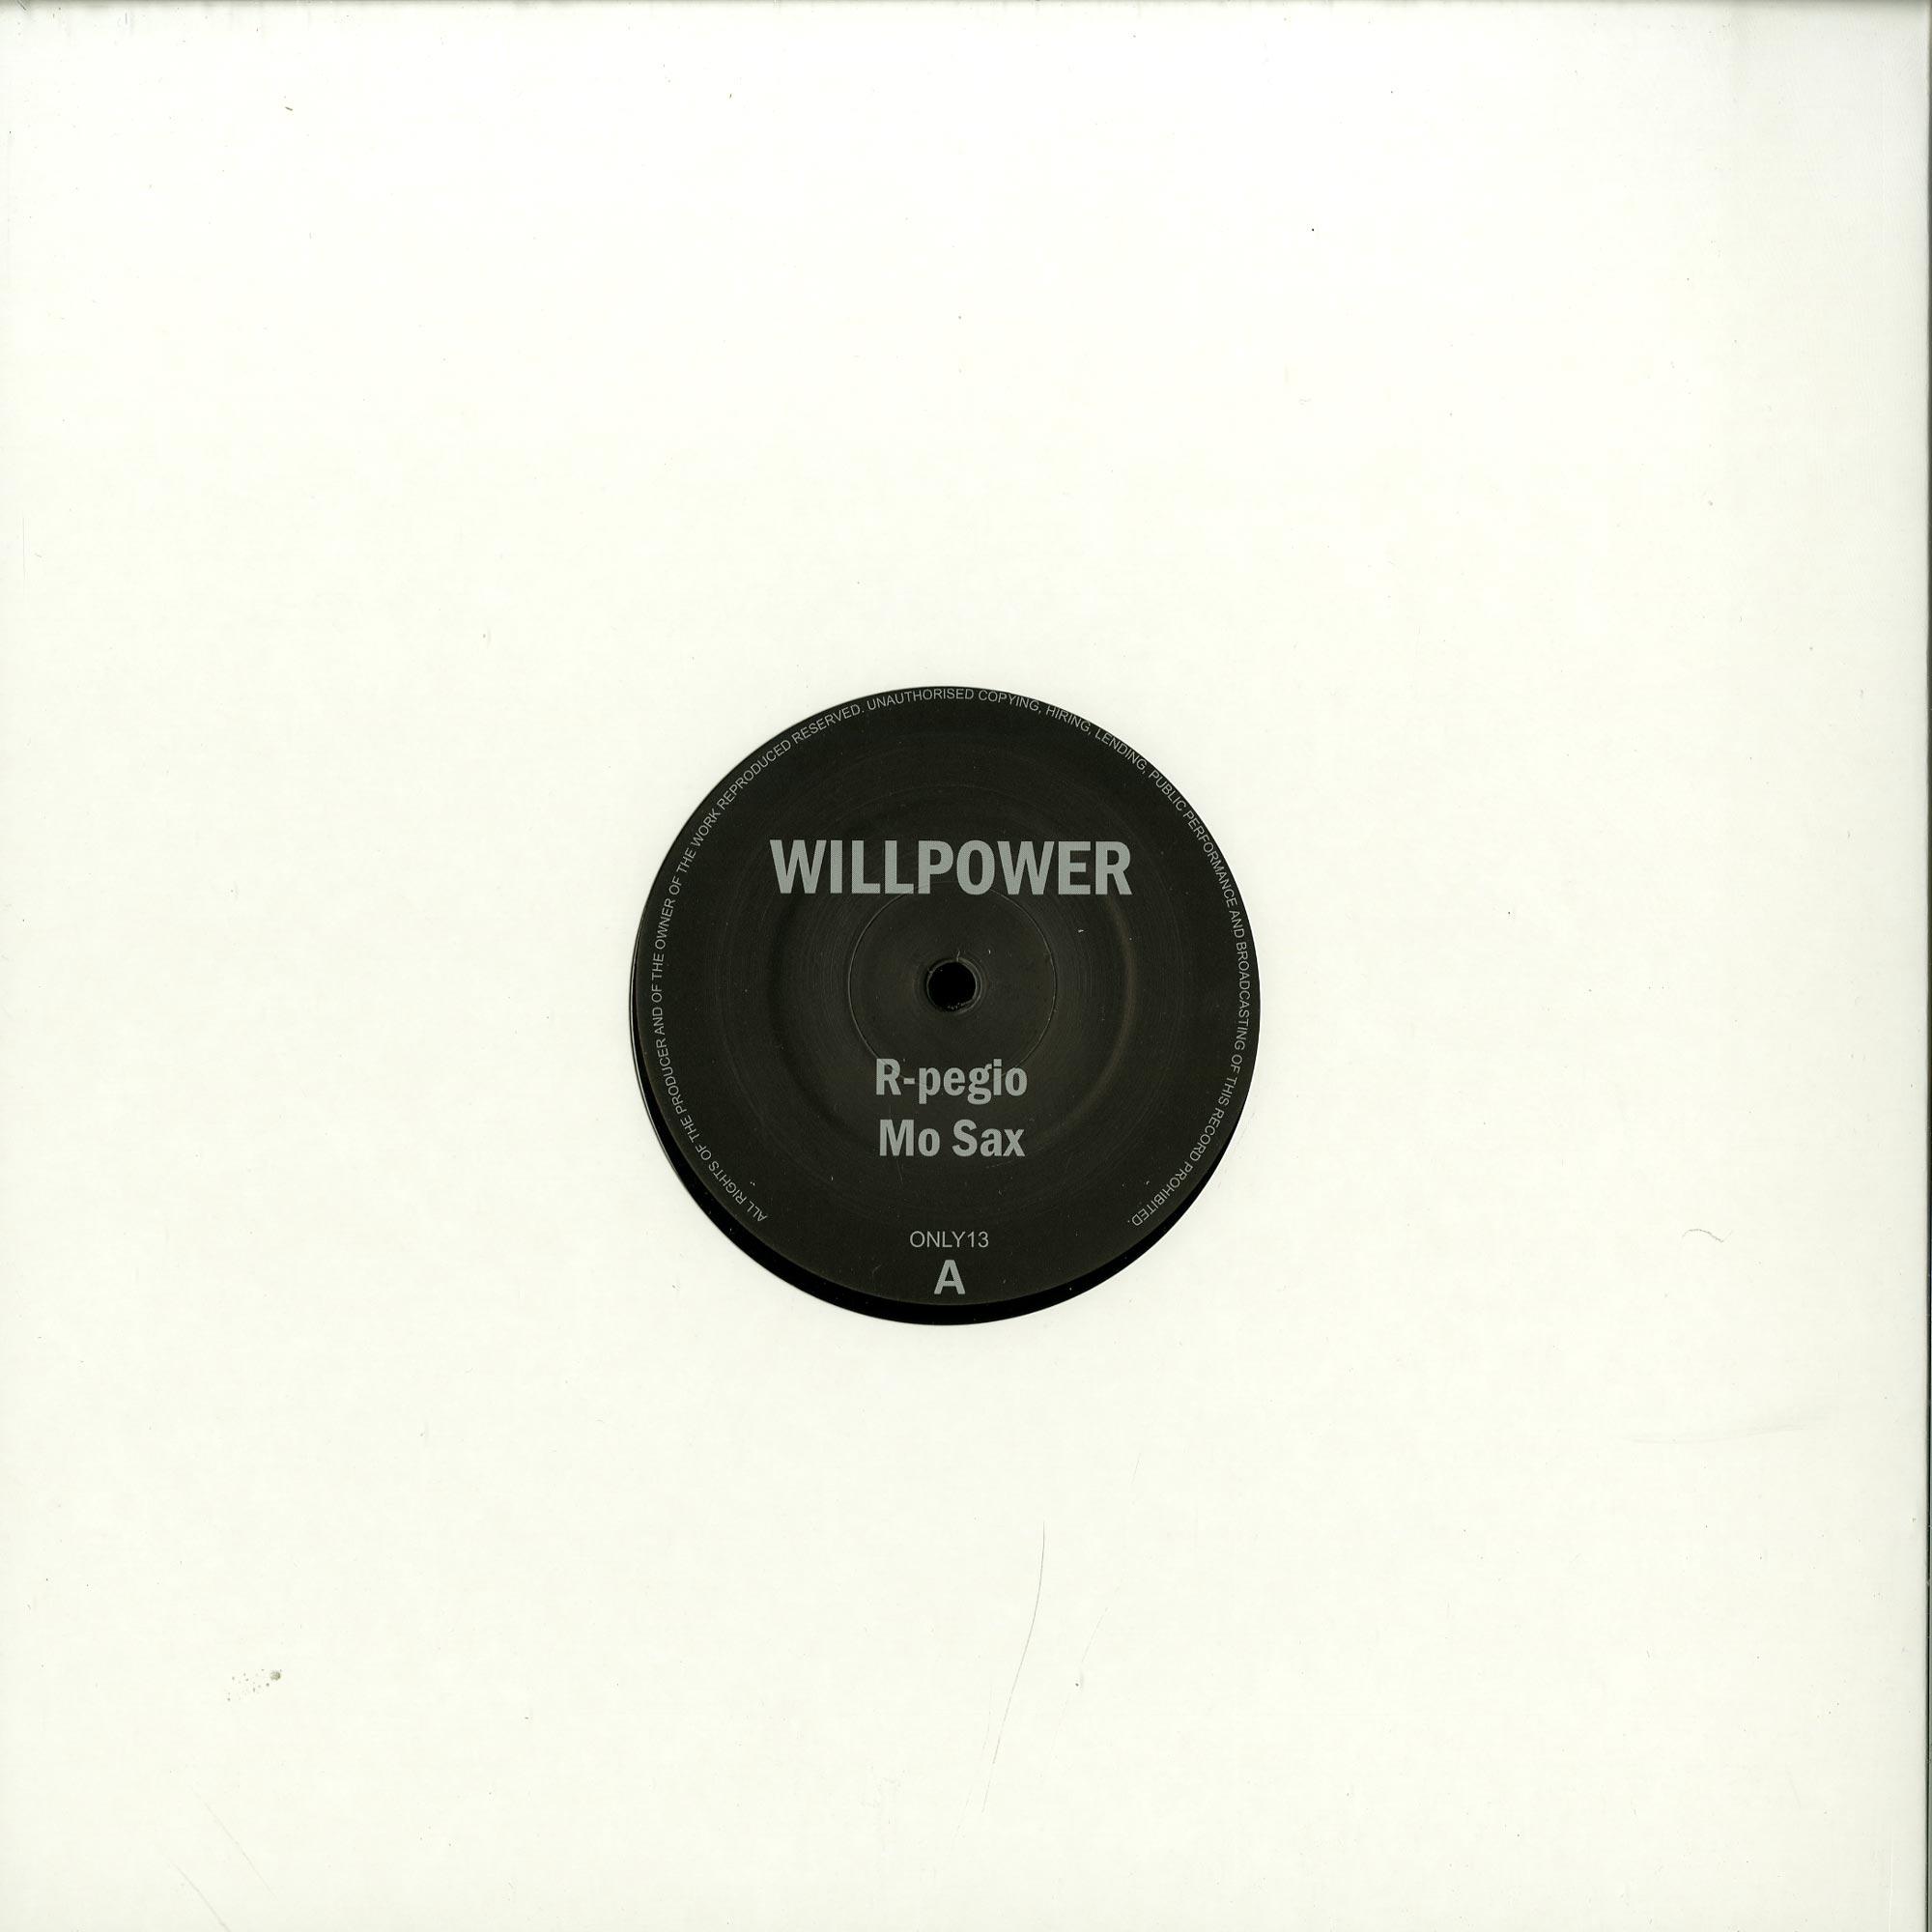 Willpower aka Johnny Fiasco - R-PEGIO